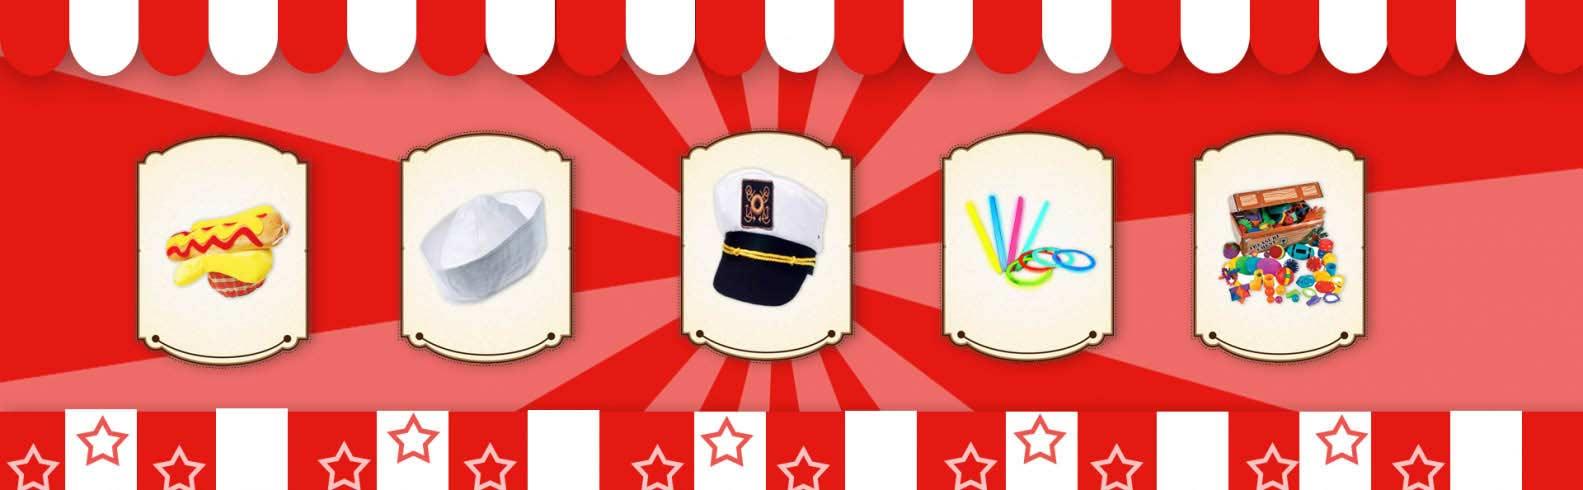 bingo paper bazaar novelty